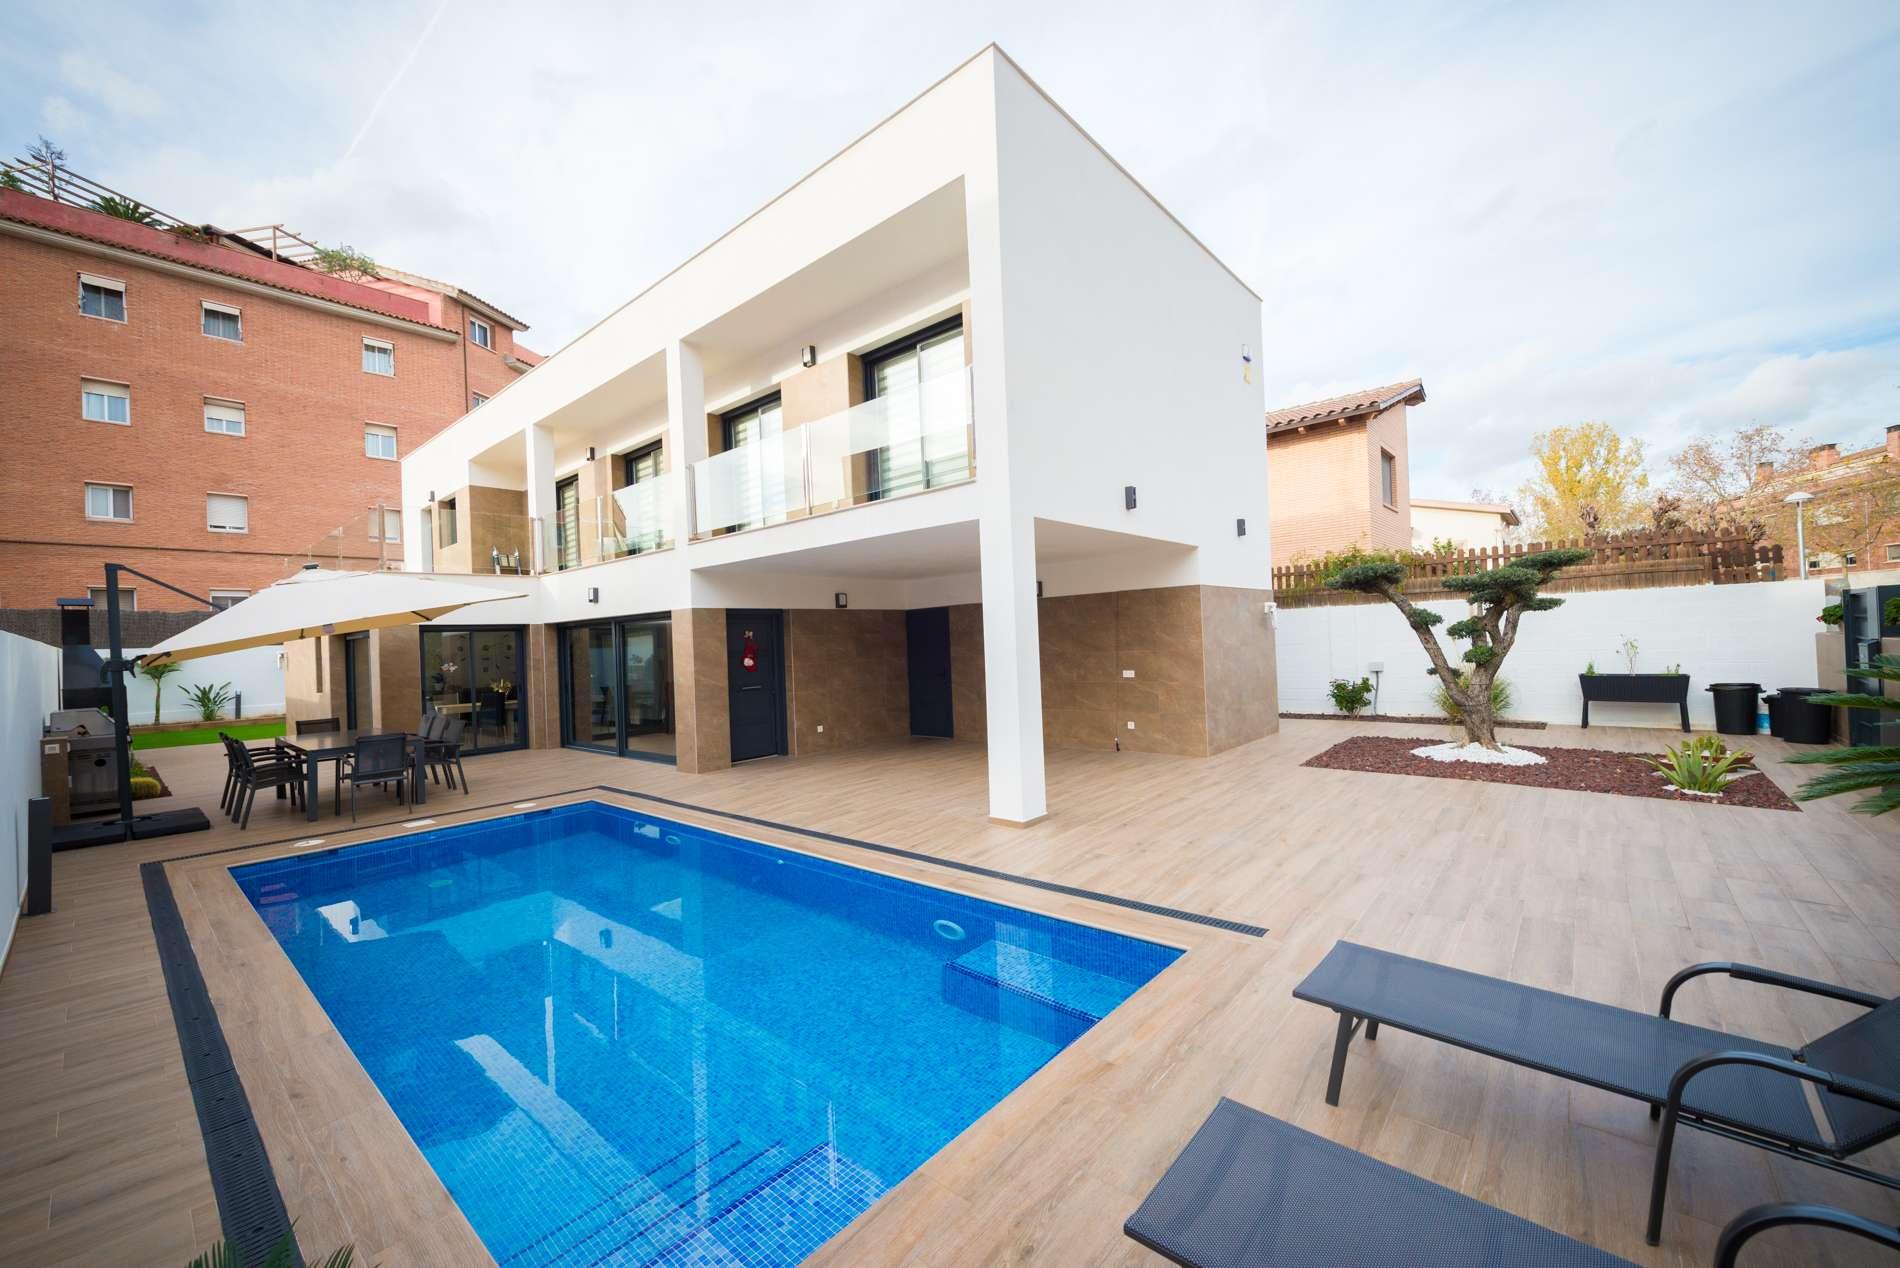 Casa espectacular en Can Bou Castelldefels